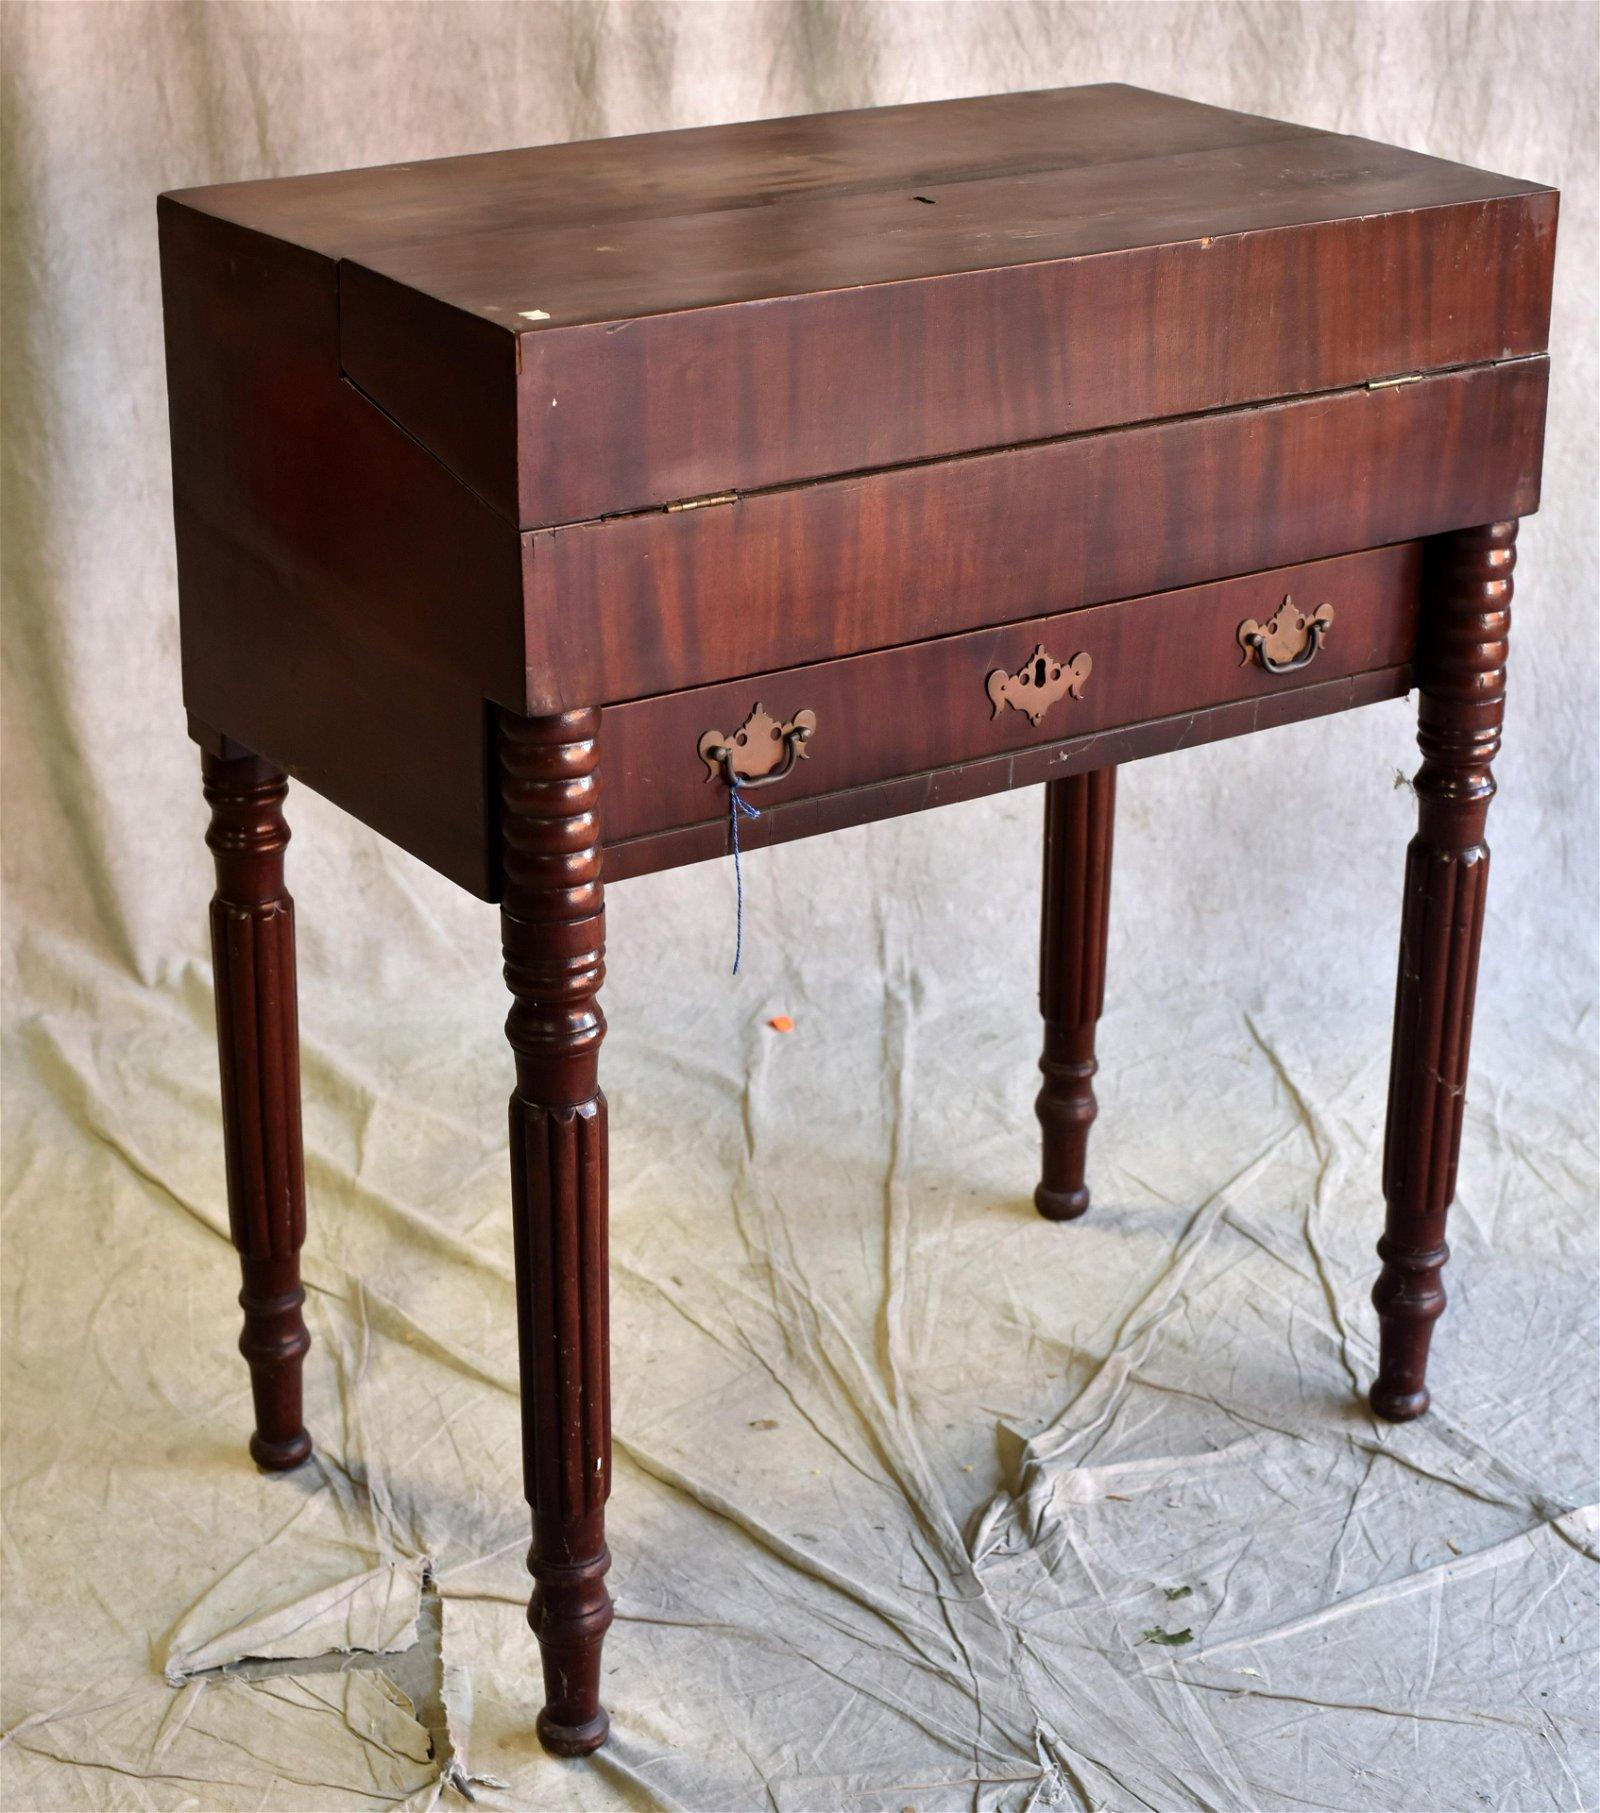 Sheraton Mahogany desk, c 1820